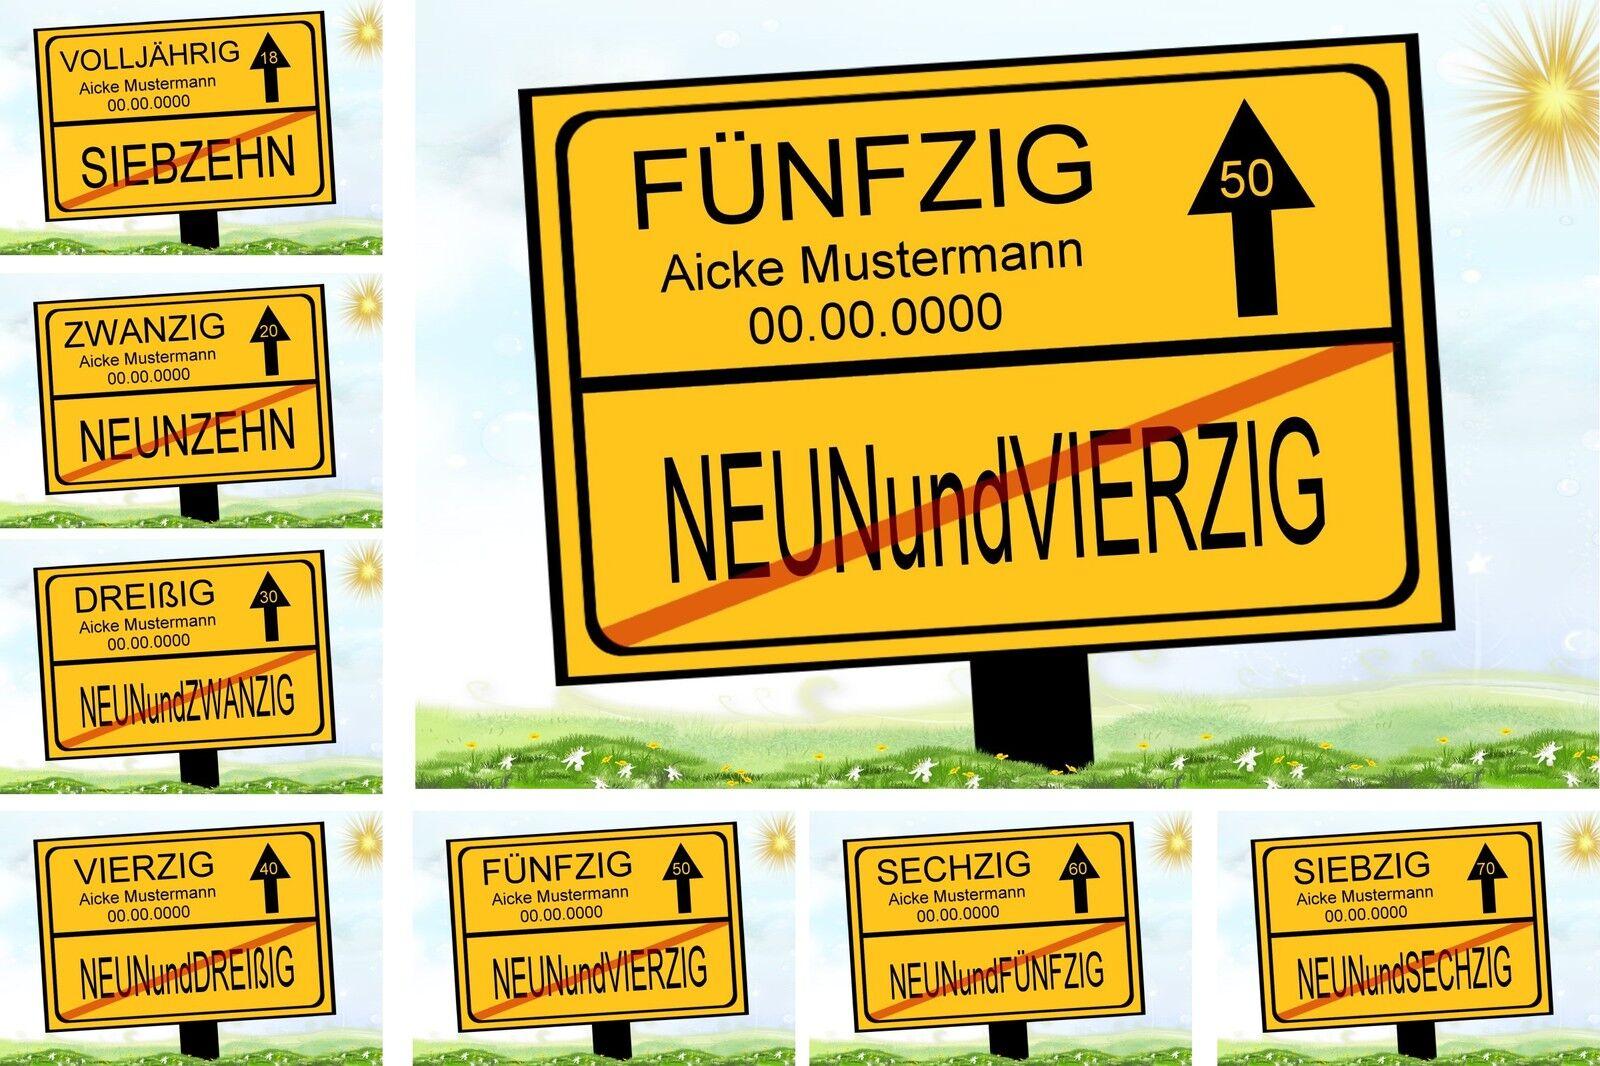 Ortsschild Bild 18 20 30 40 50 60 70 Geburtstag Deko Geschenk Verkehrsschild NEU